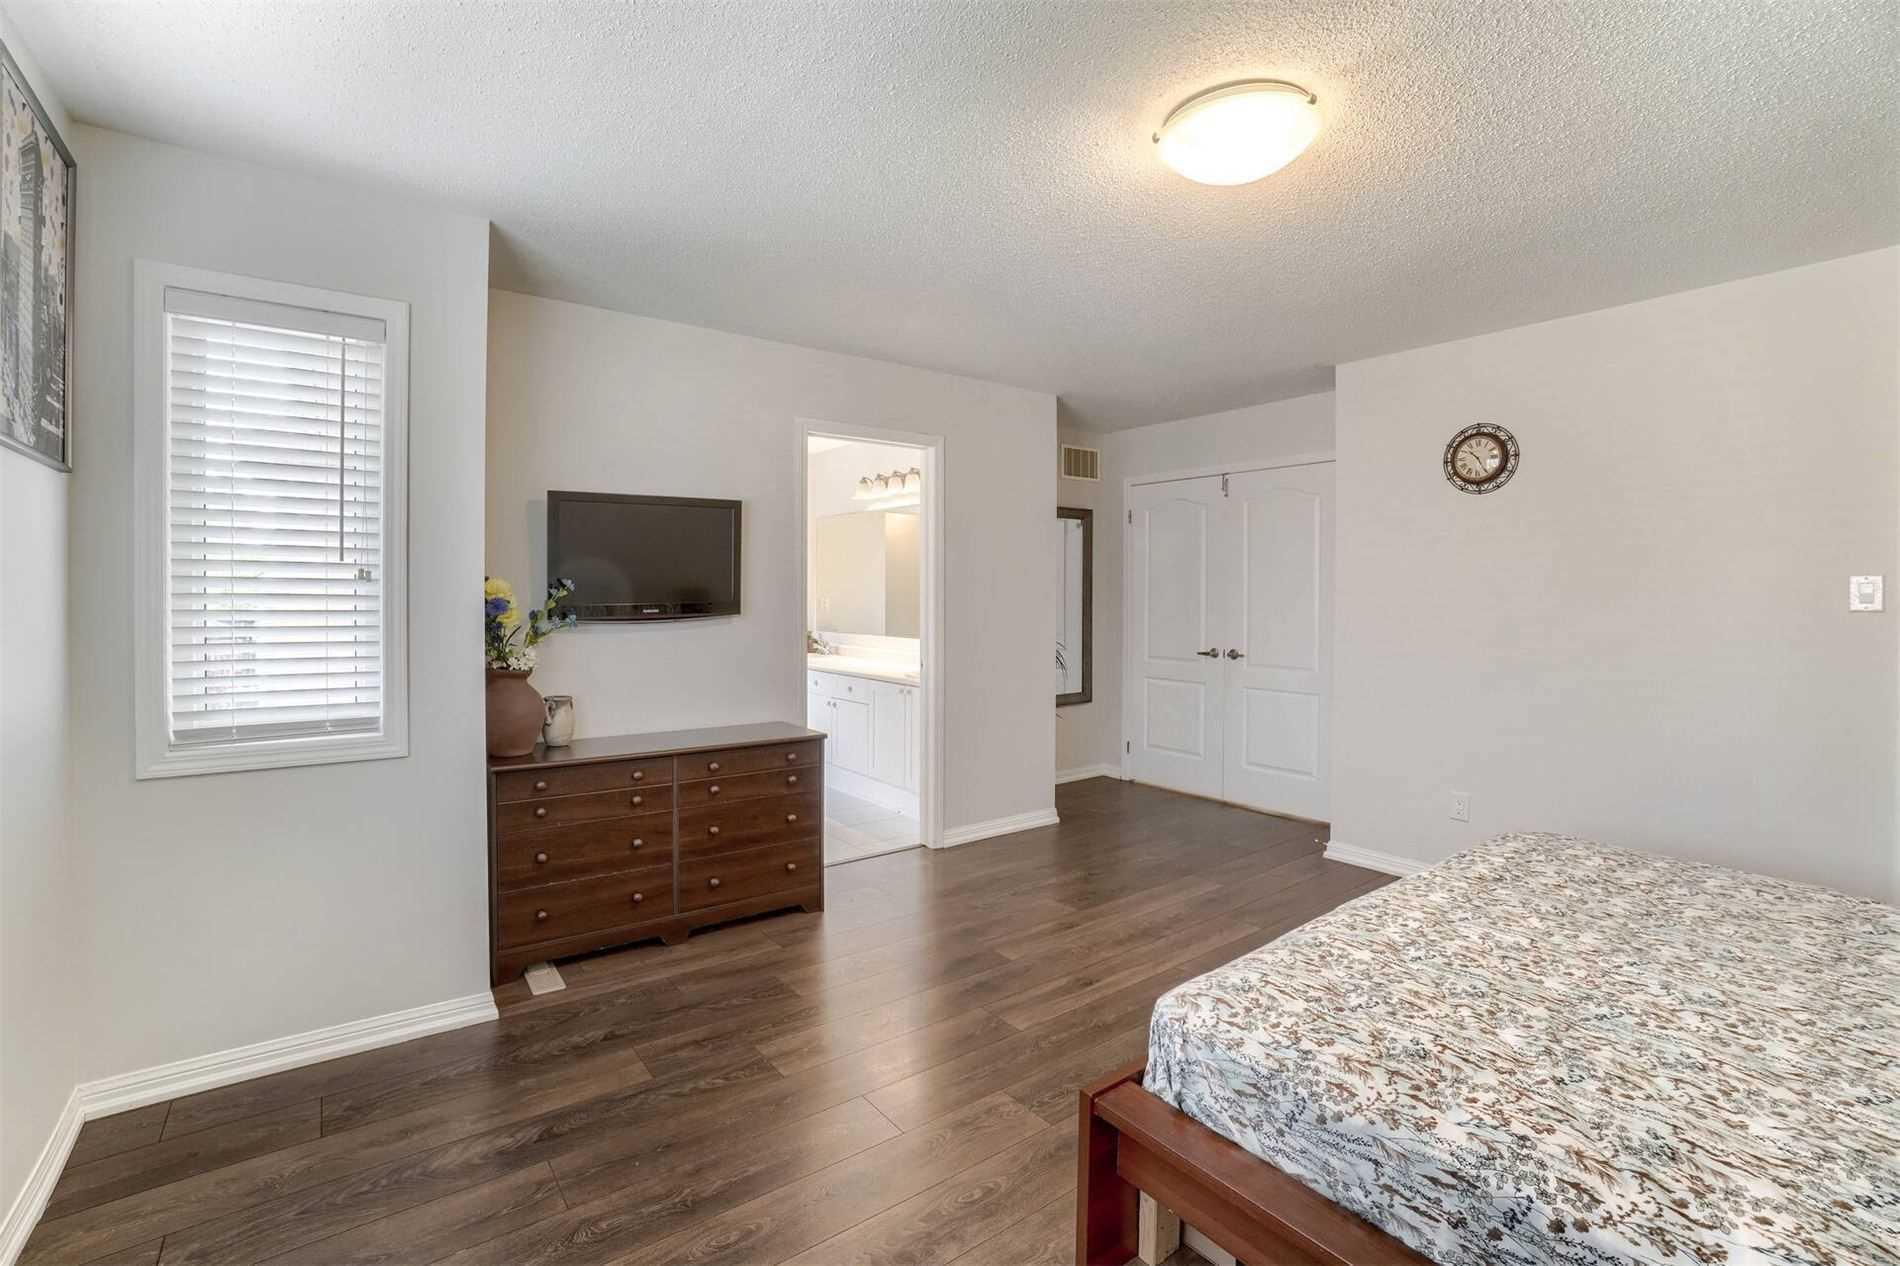 909 Hepburn Rd - Coates Detached for sale, 4 Bedrooms (W5398610) - #21